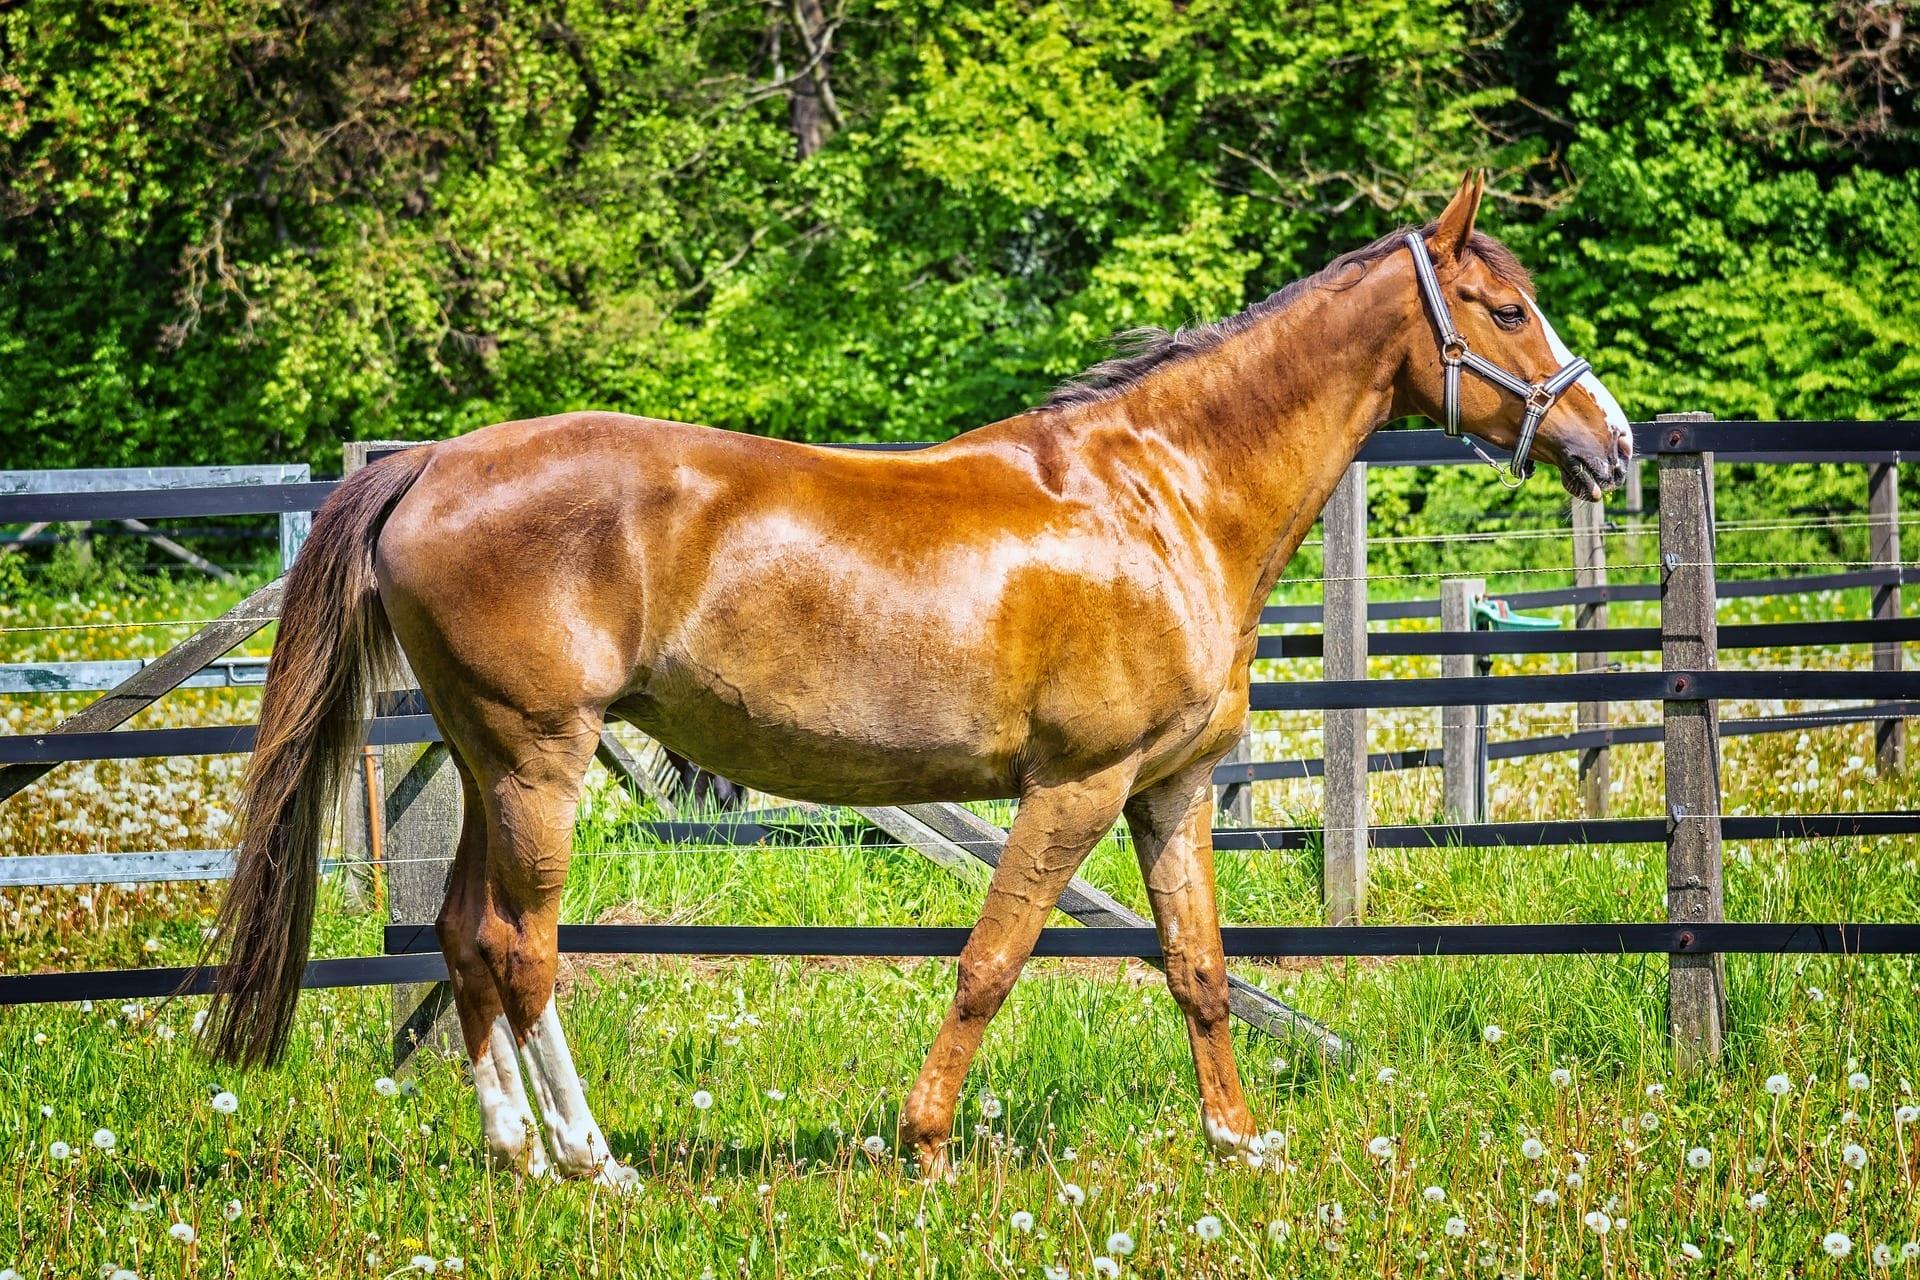 brown horse at a farm